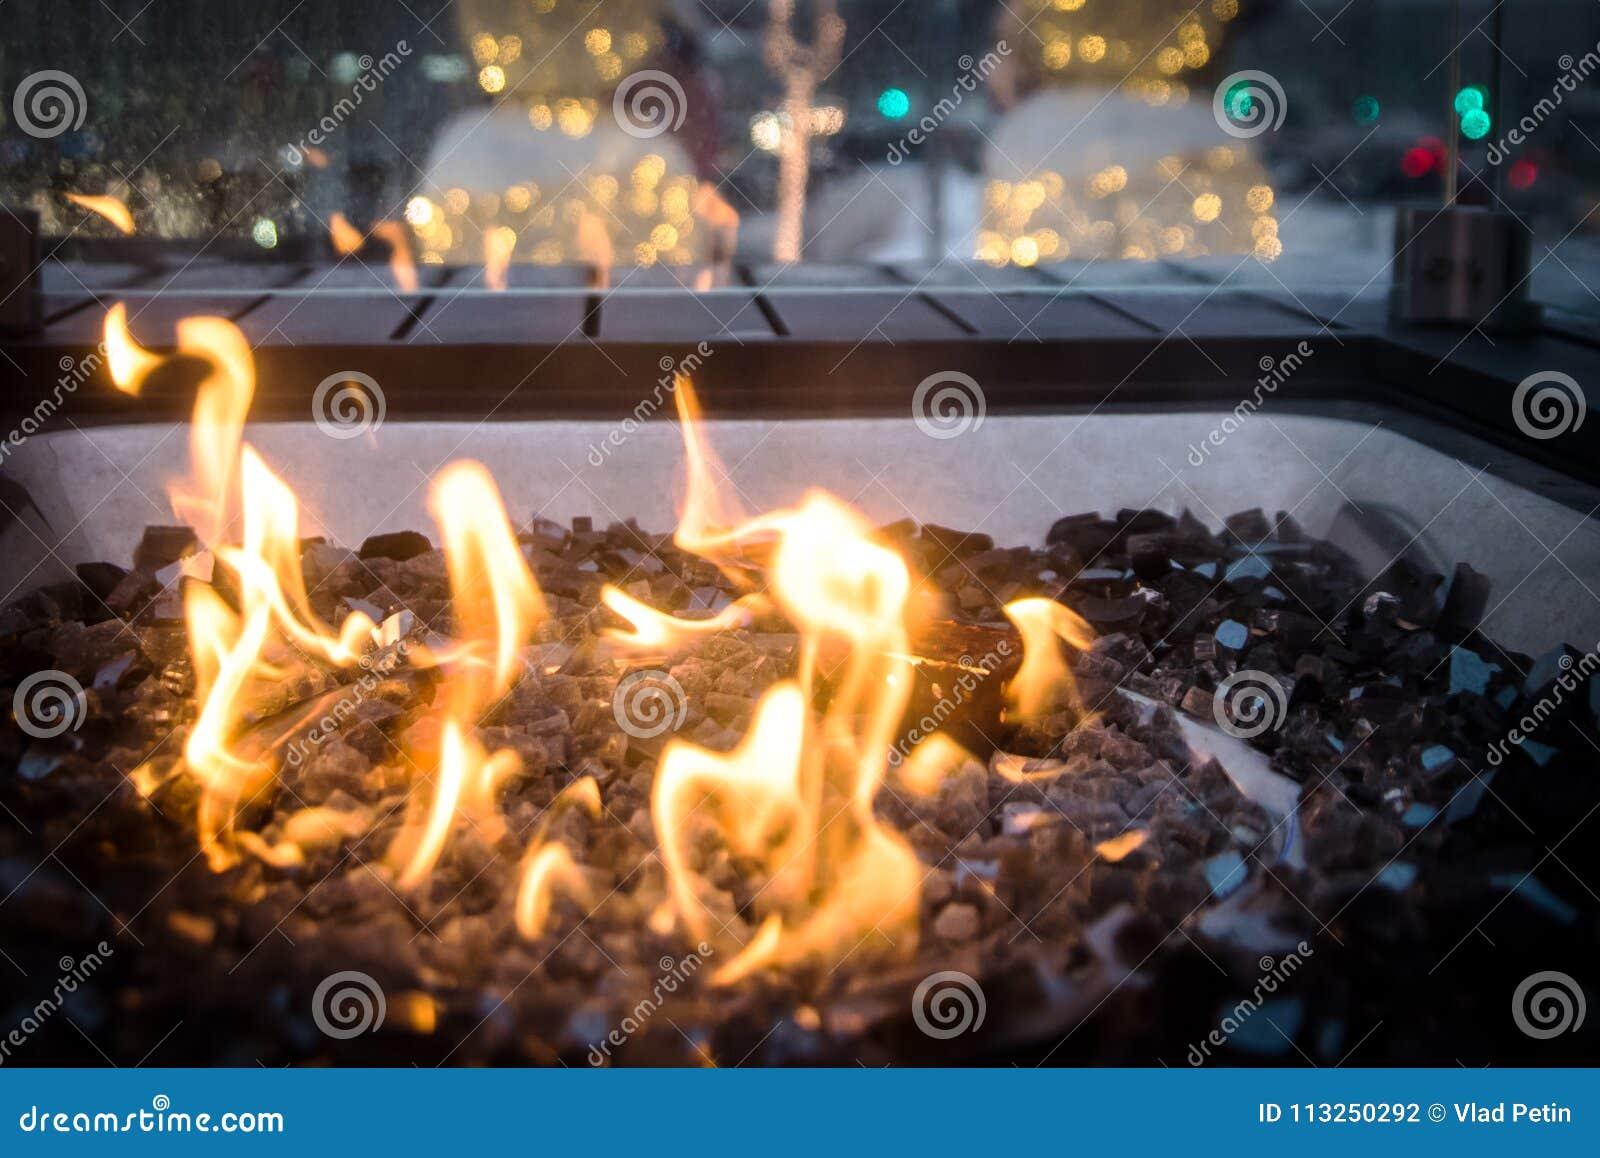 Chama de ardência amarela no poço de vidro do fogo